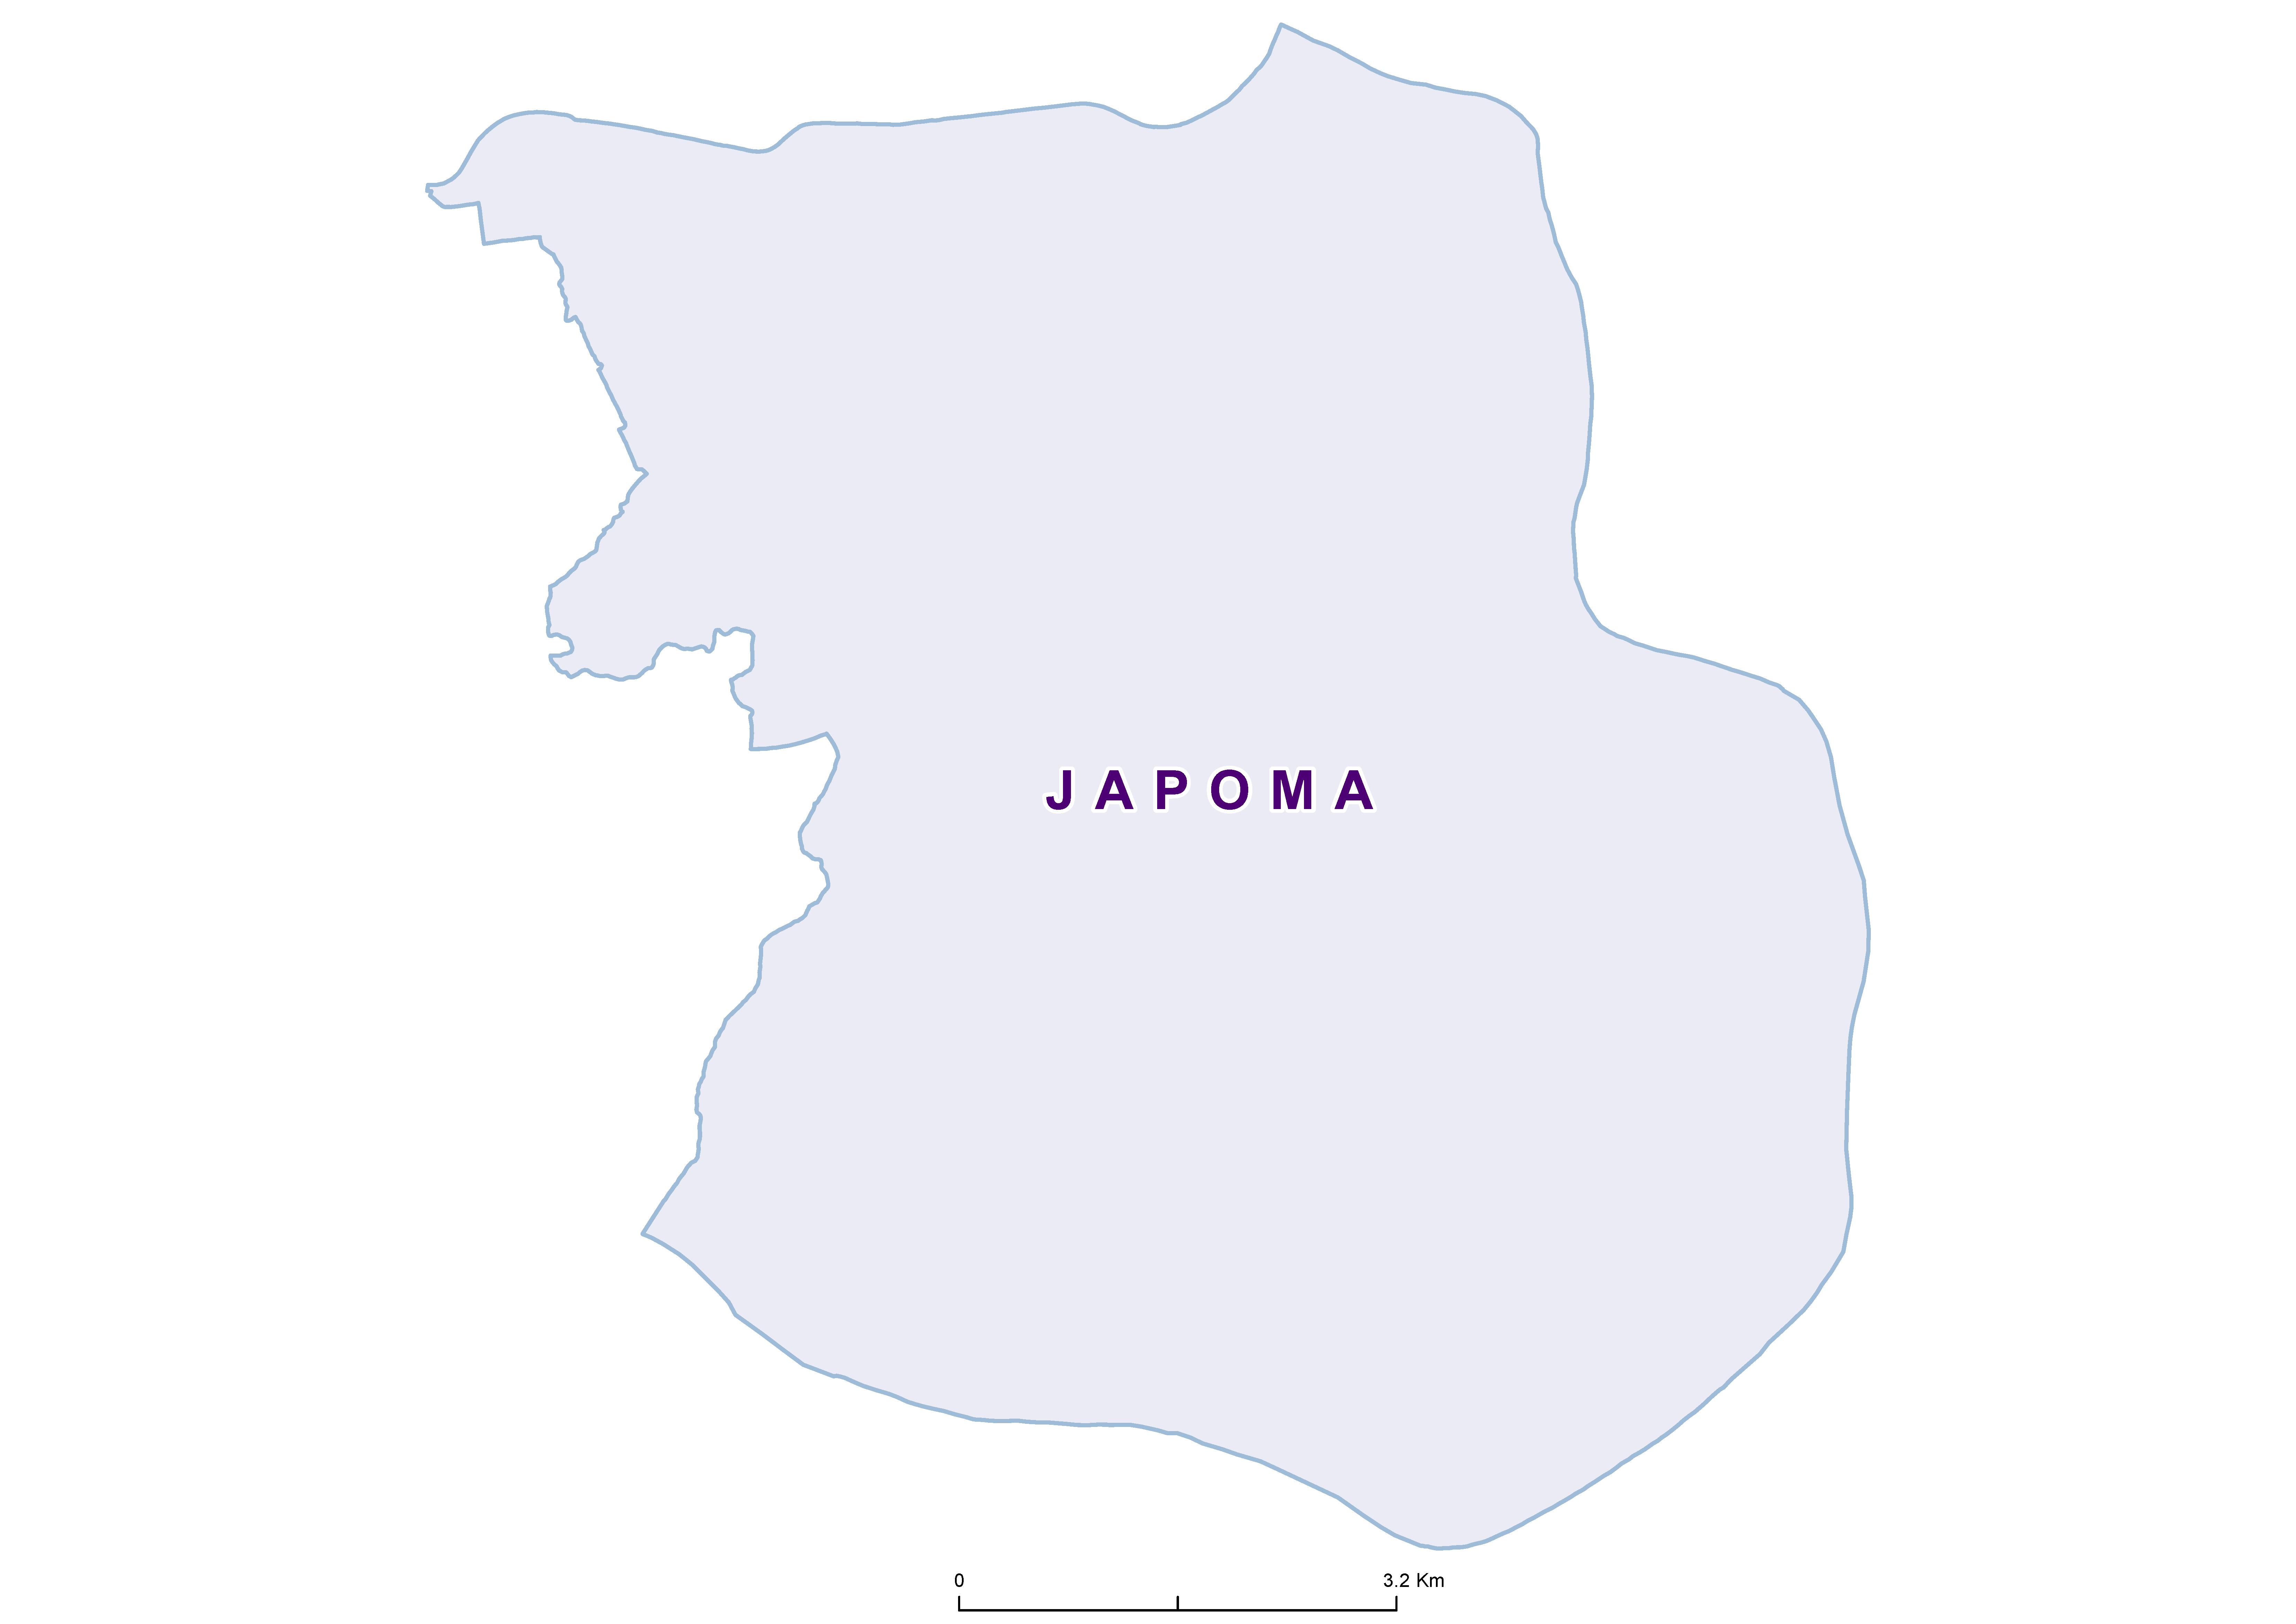 Japoma Mean SCH 19850001